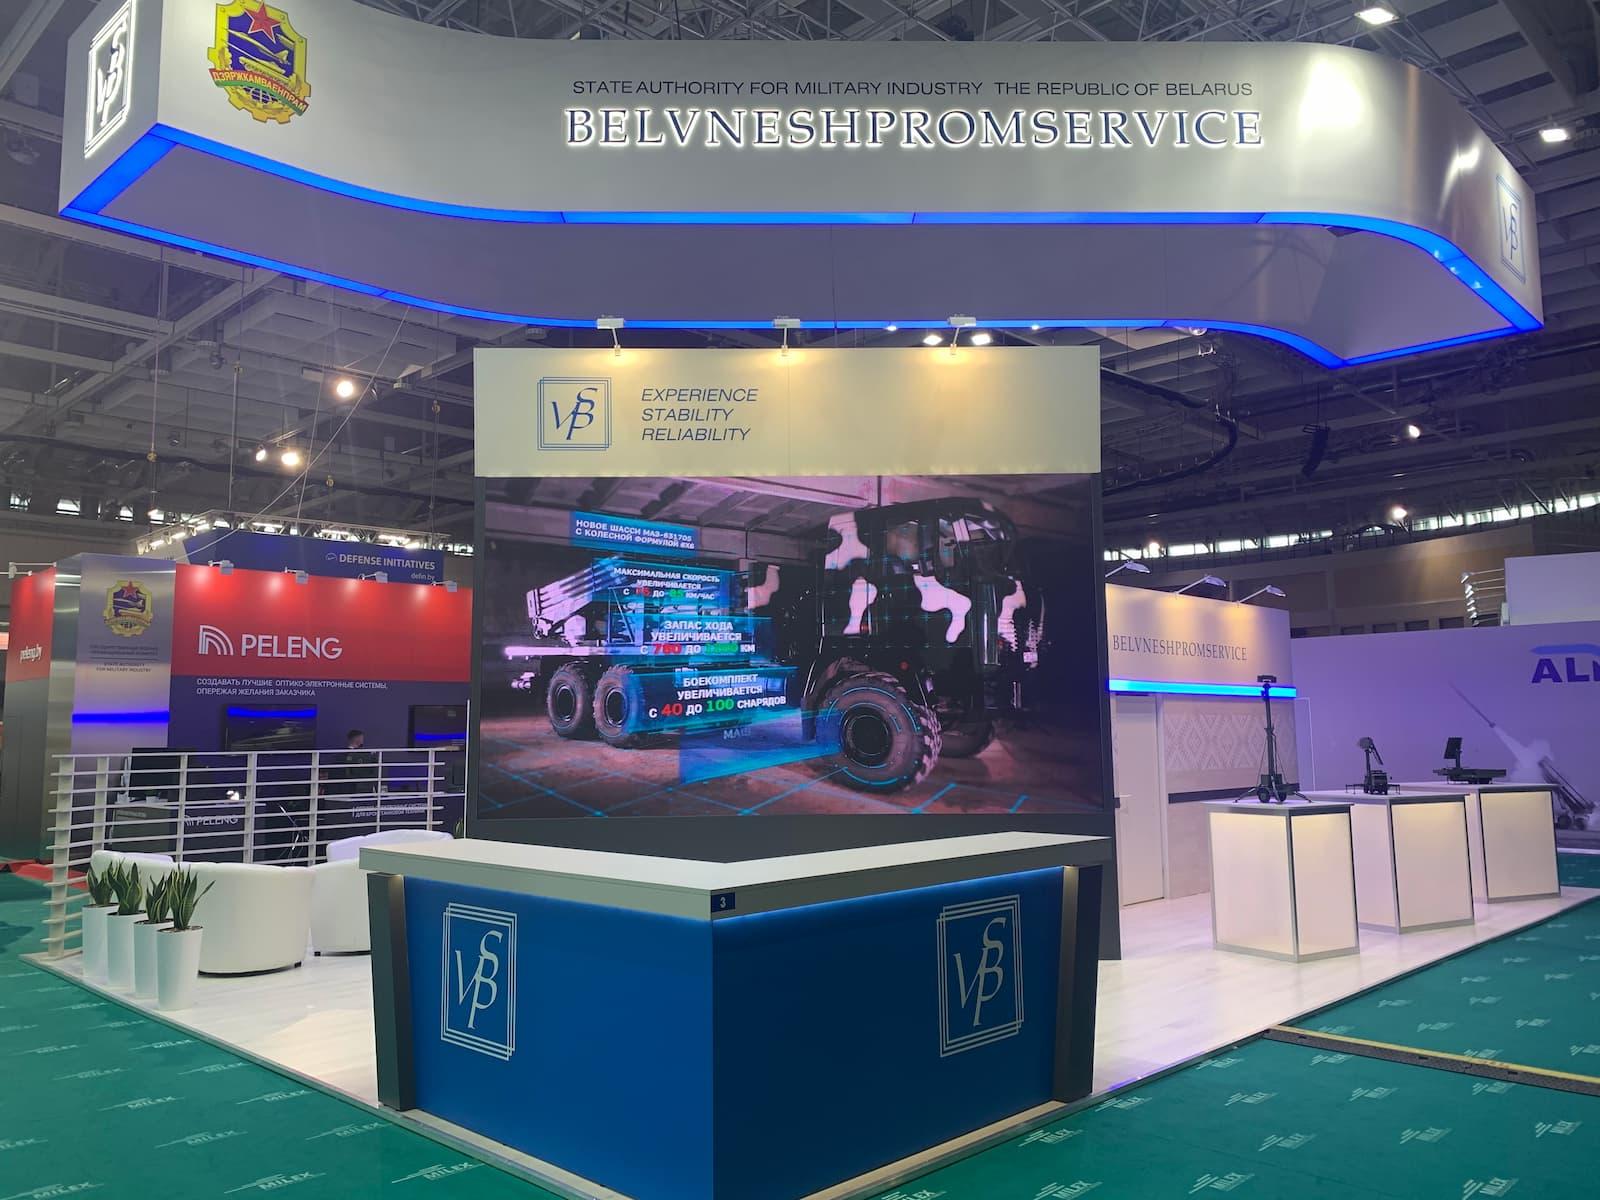 Светодиодный экран 4.5х2.5 на стенде Белвнешпромсервис на выставке MILEX-2021